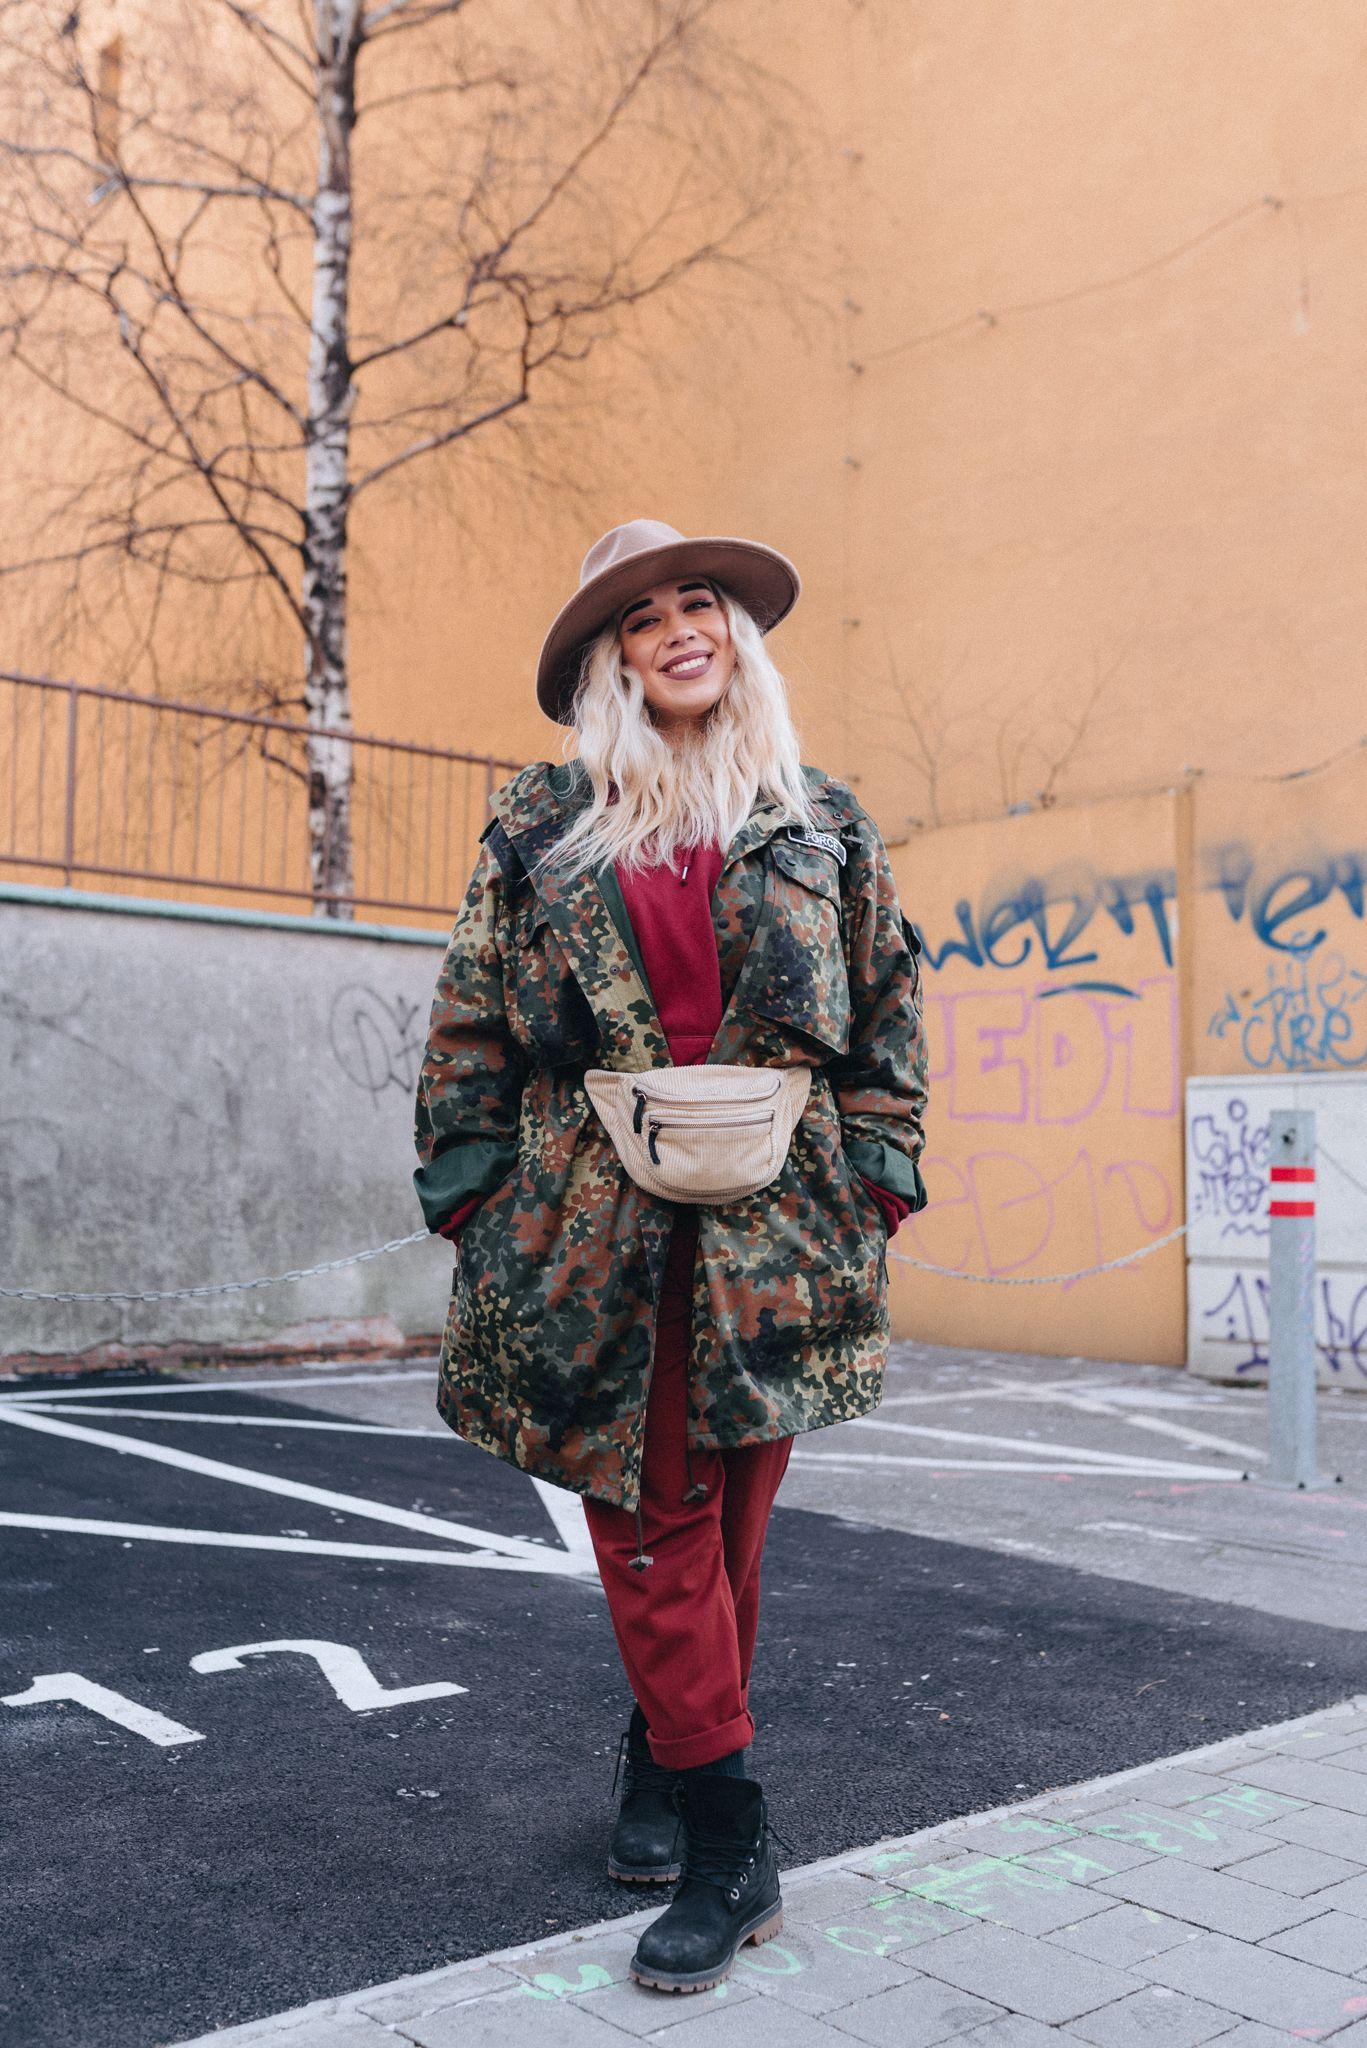 Móda z ulíc: Mladí Slováci si idú swapy, lokálne značky, ale nakupujú aj fast fashion